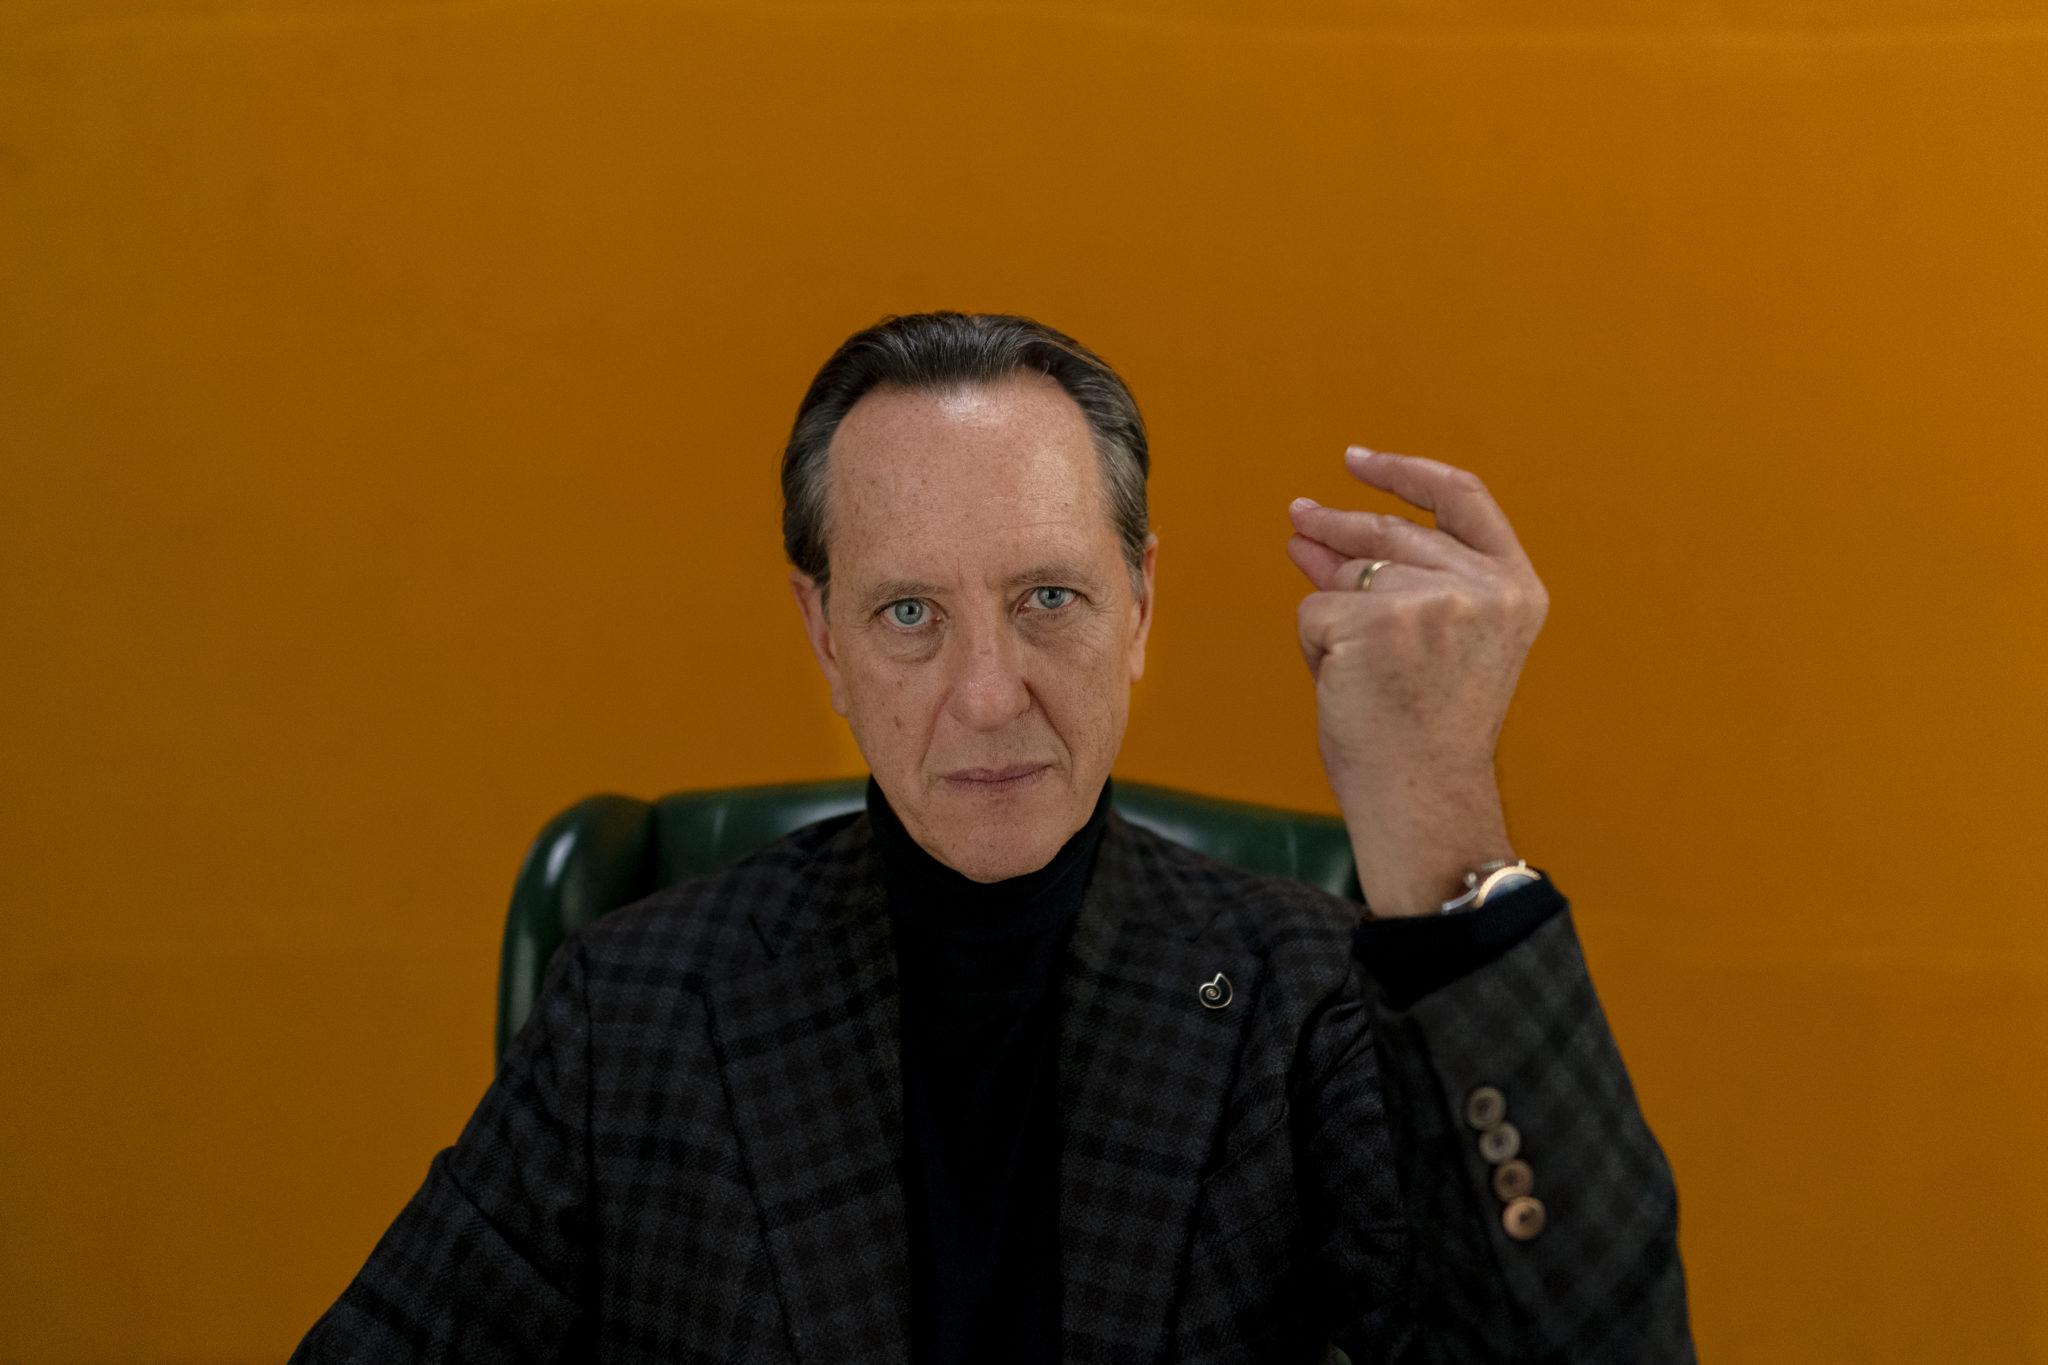 Erzähler Octavio sitzt in einem Sessel vor einer orangen Wand und schnippt mit dem Finger der erhobenen linken Hand in Dispatches from Elsewhere